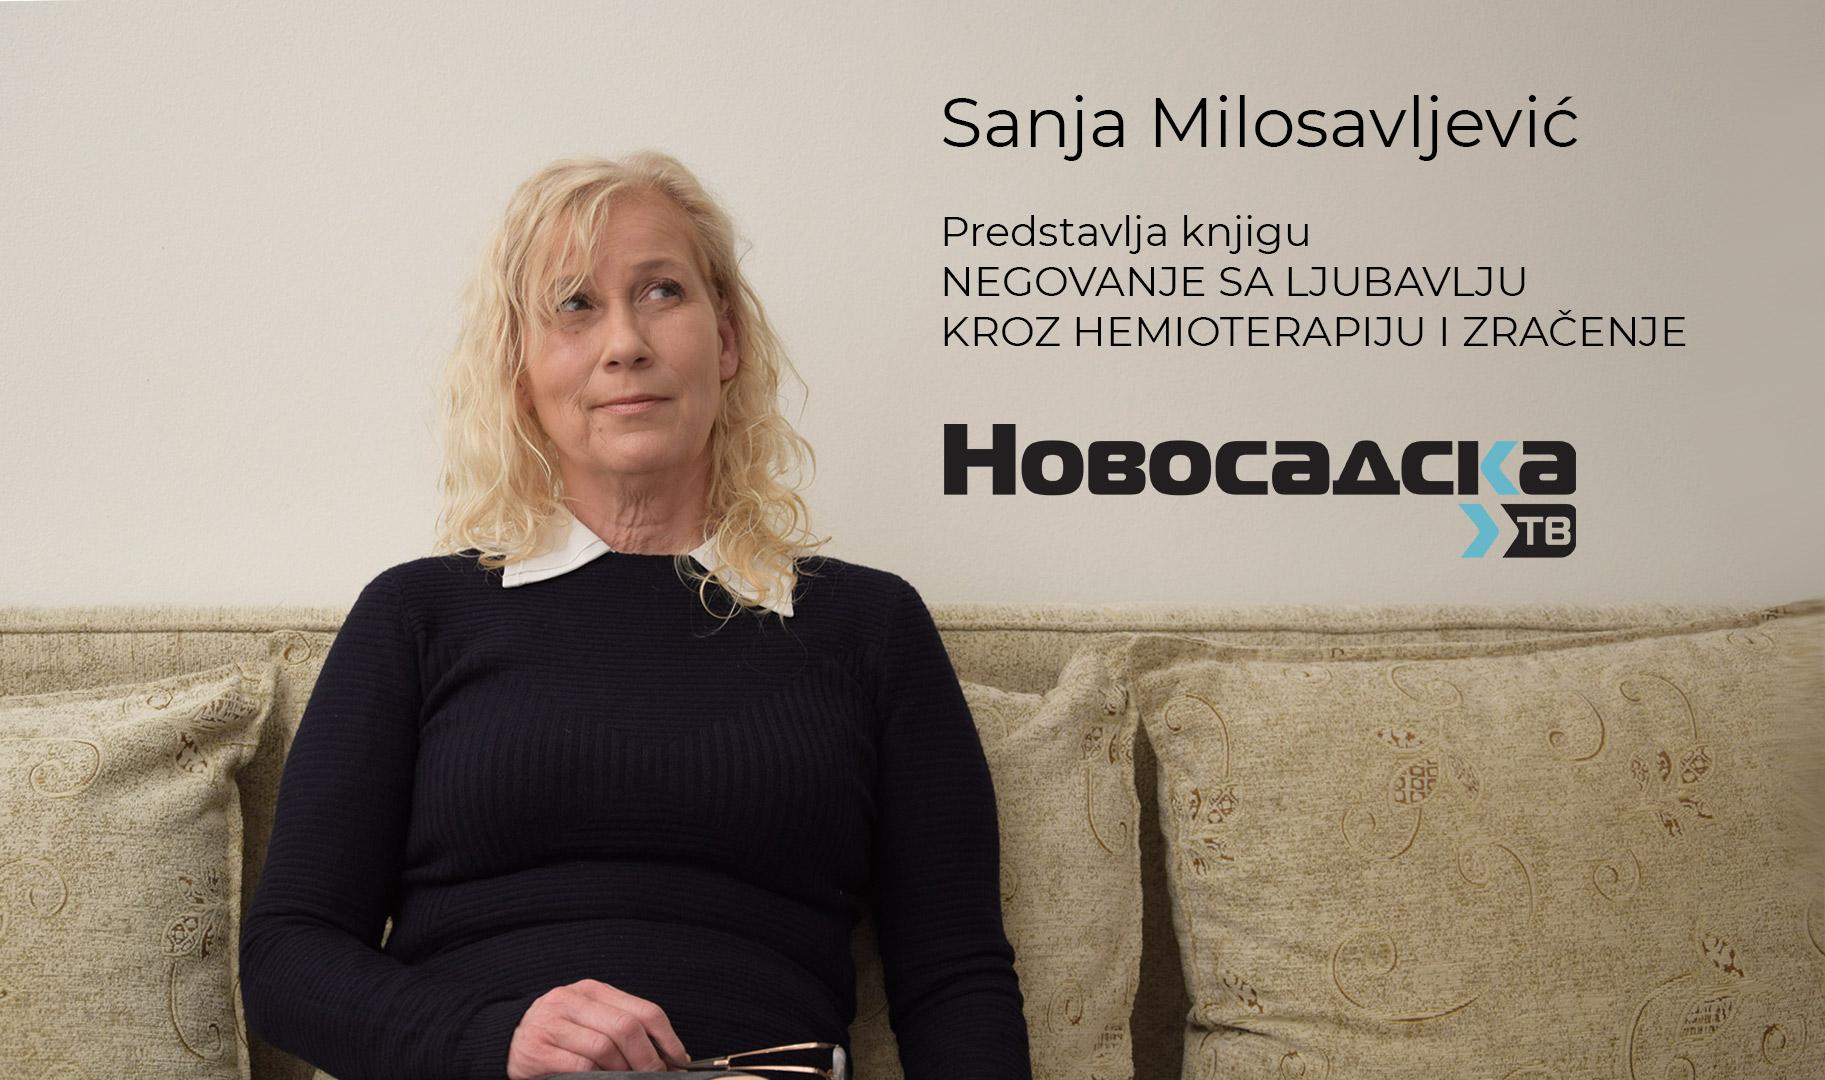 Sanja Milosavljevic NOVOSADSKA TV